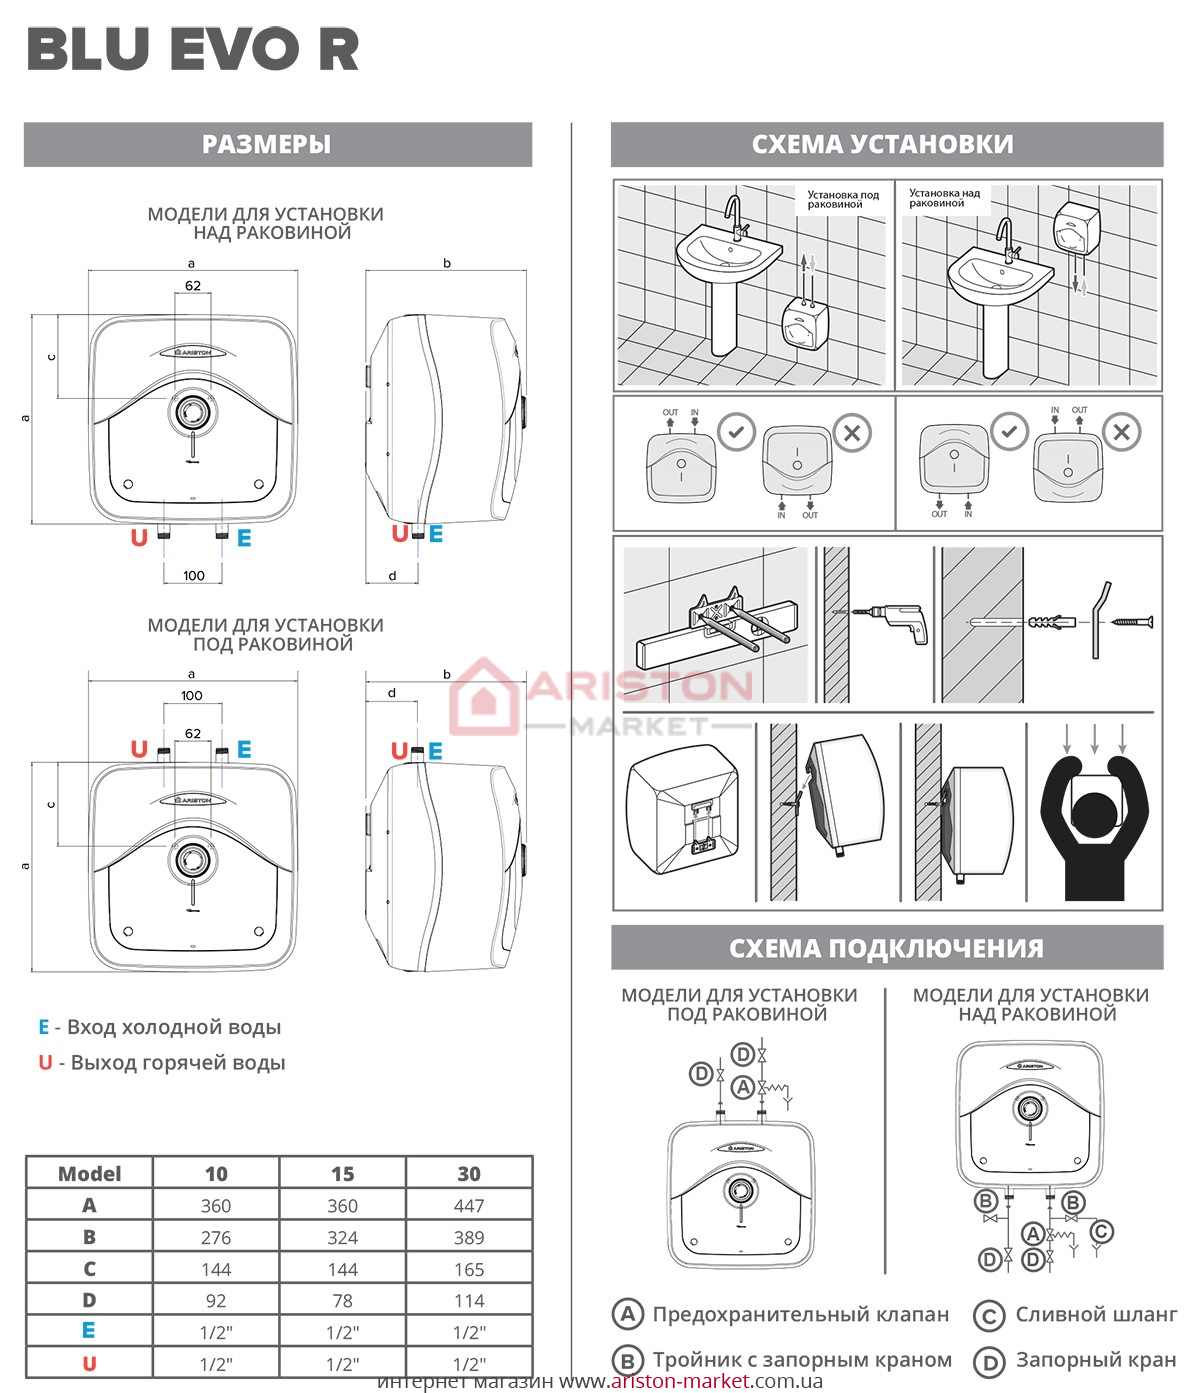 Ariston BLU Evo R 10/3 схема, габарити, креслення